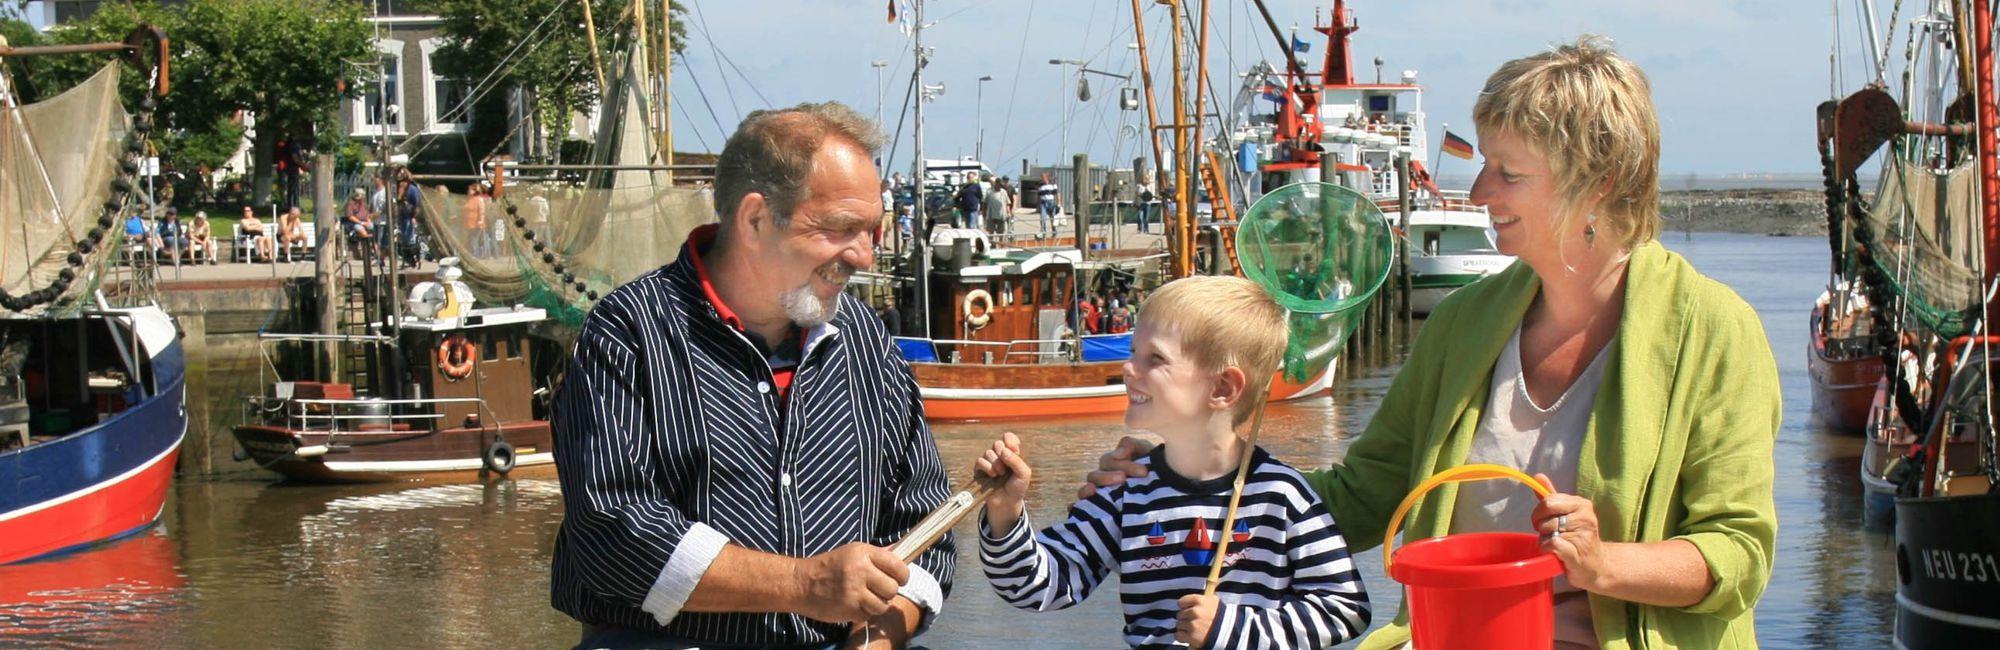 Familienurlaub Nordsee